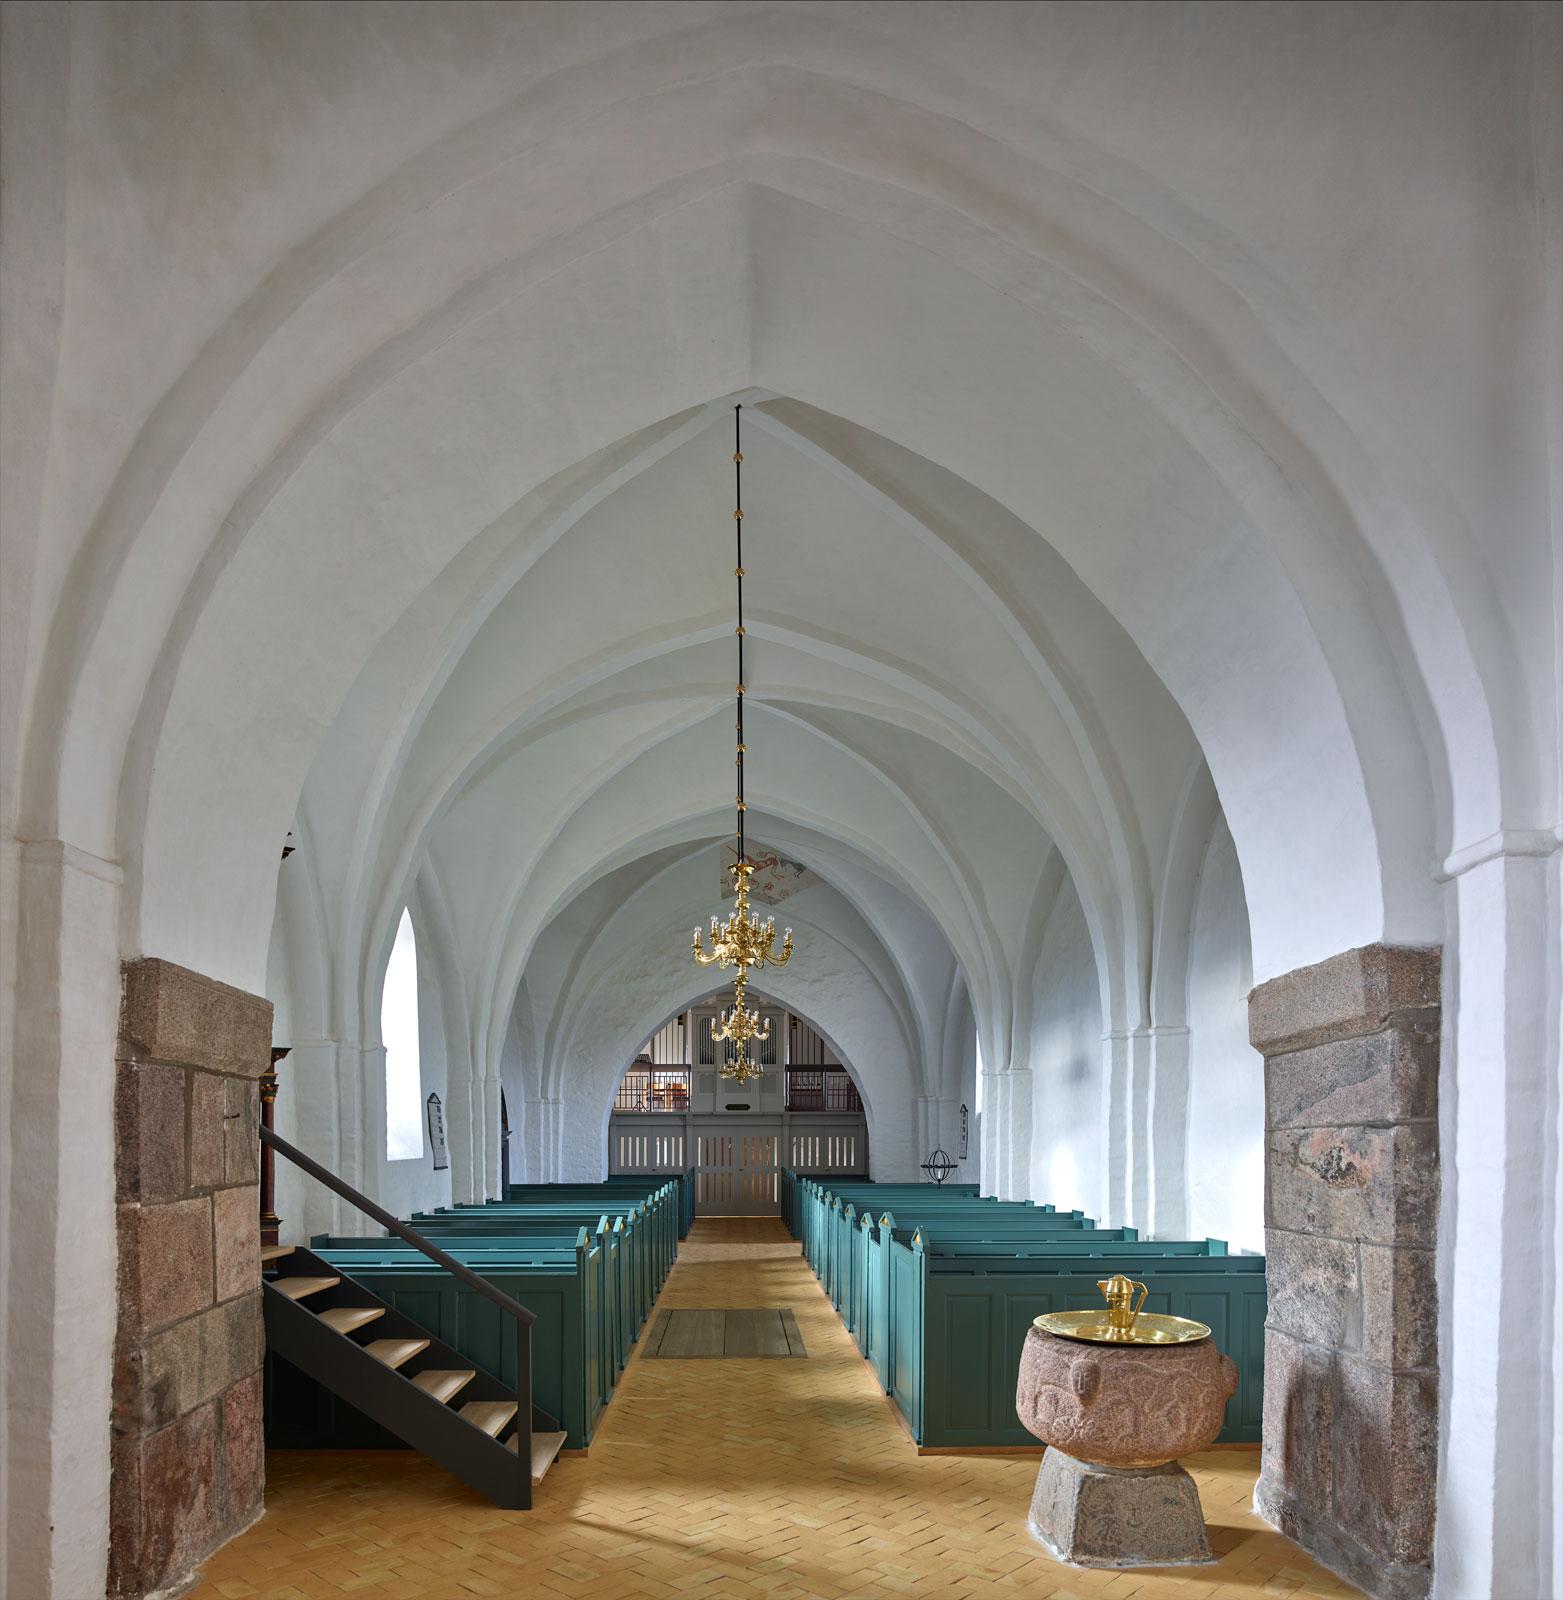 Interiør fra Mørke Kirke